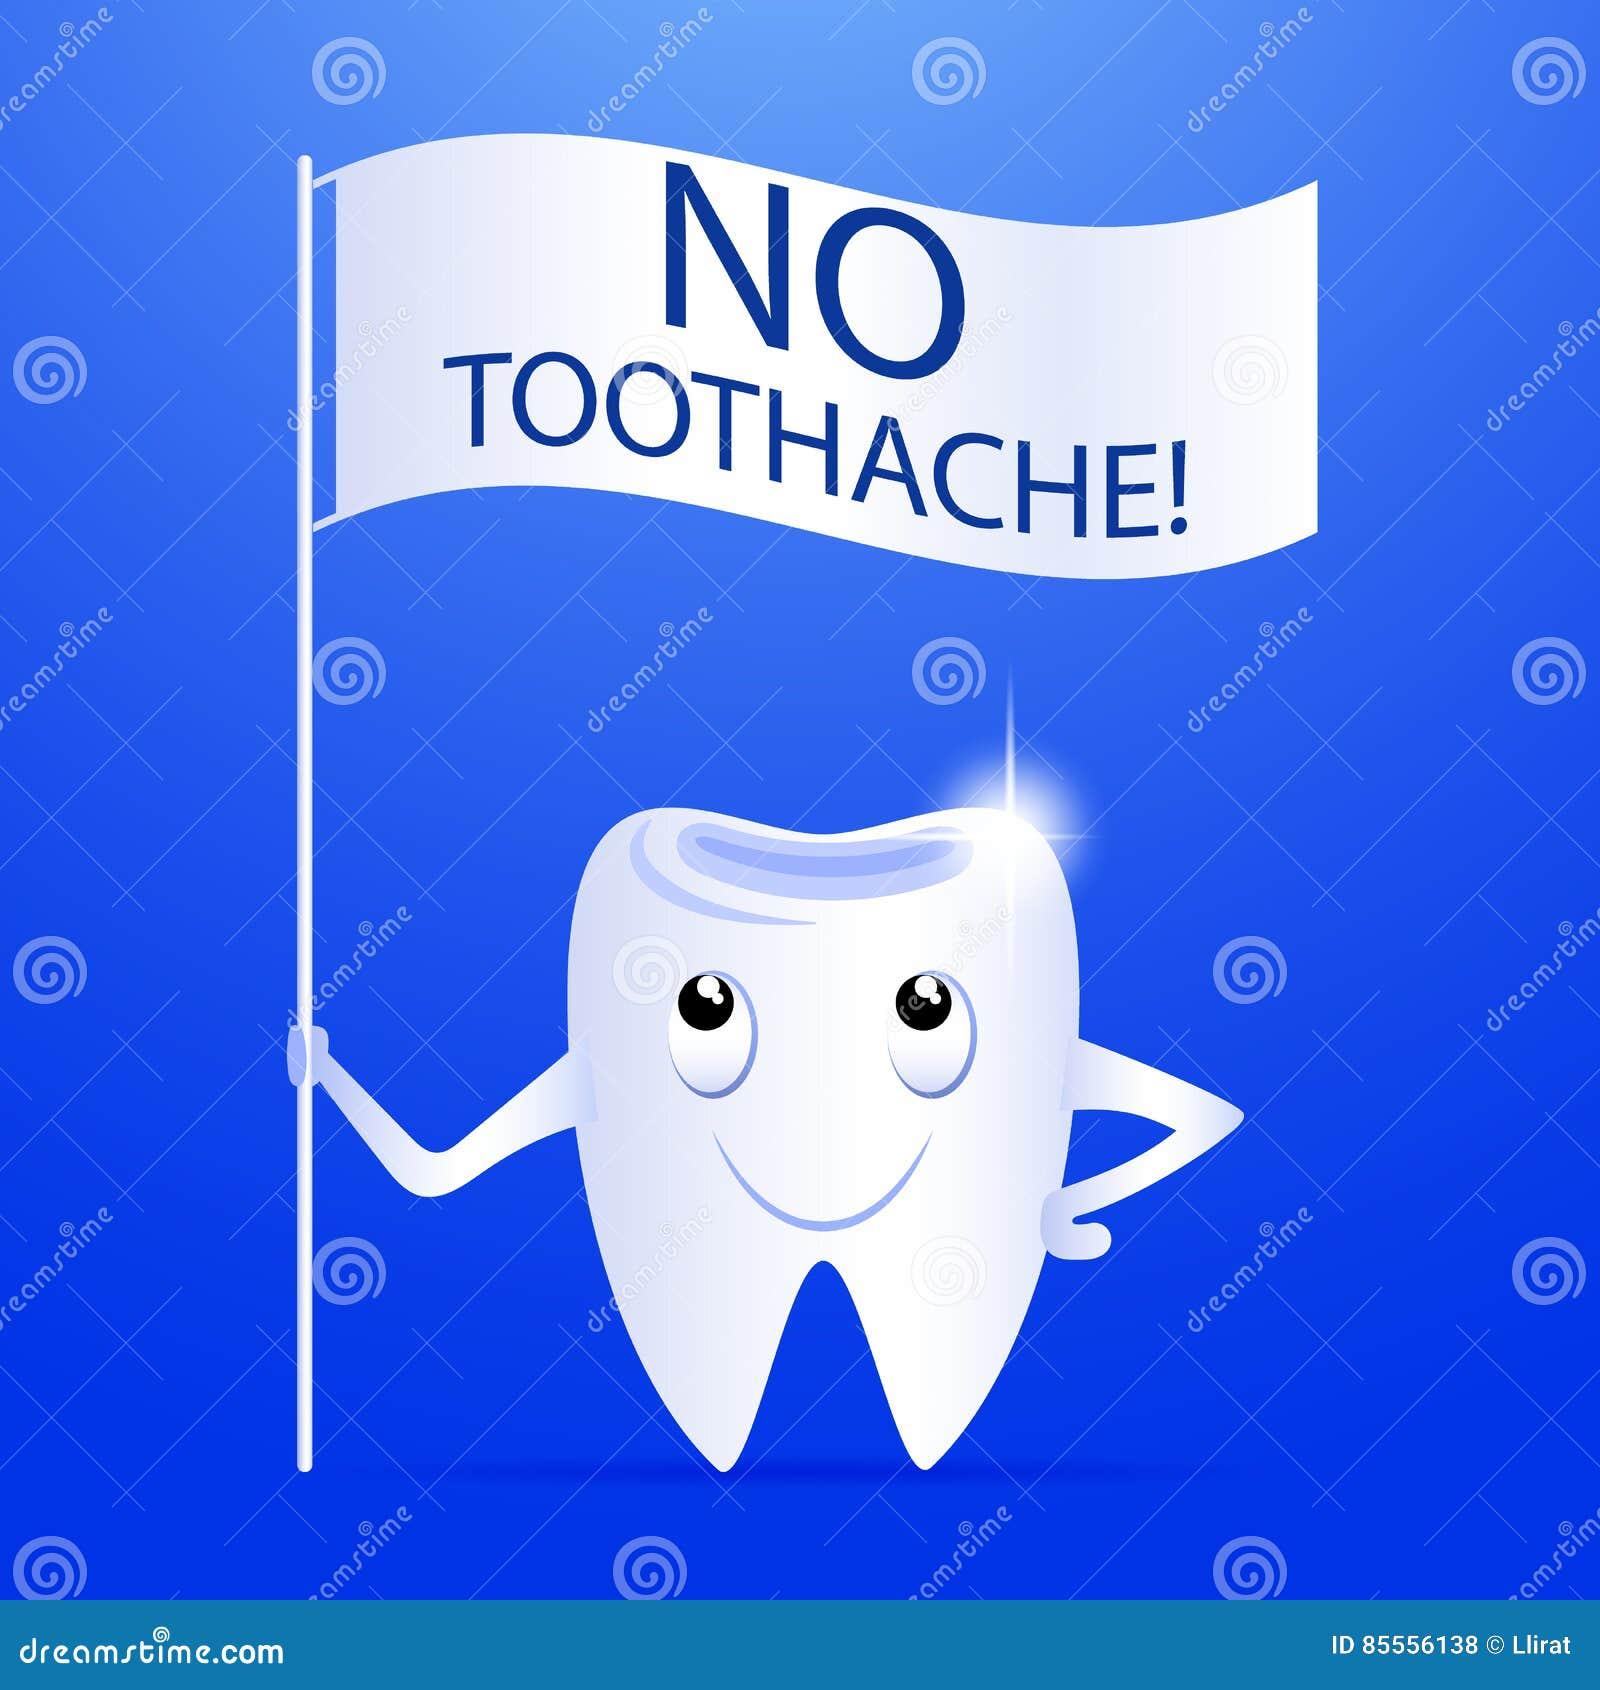 Zahnzeichentrickfilm-figur mit einem Slogan